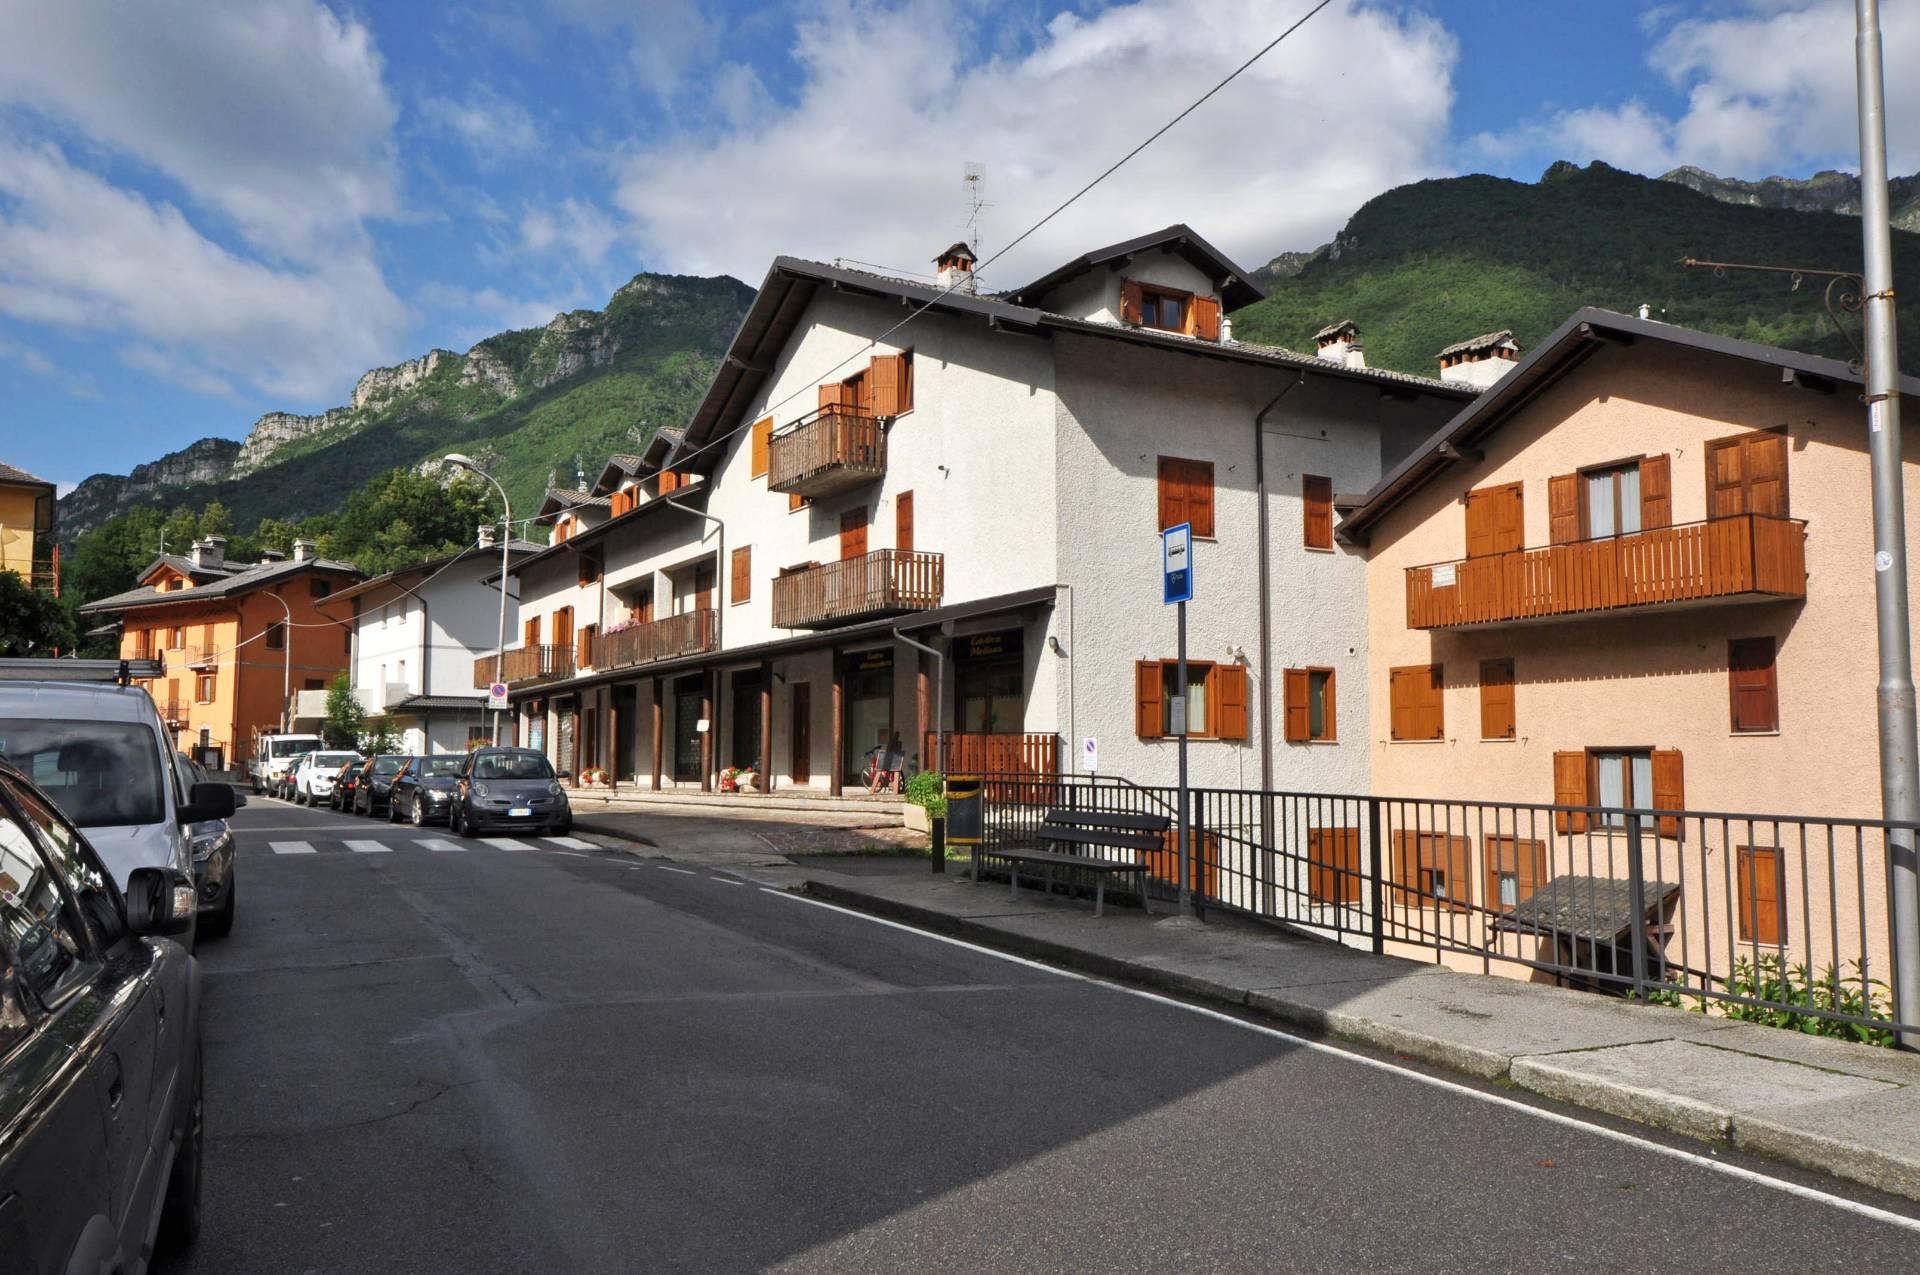 Appartamento in vendita a Piazza Brembana, 3 locali, prezzo € 97.000 | CambioCasa.it